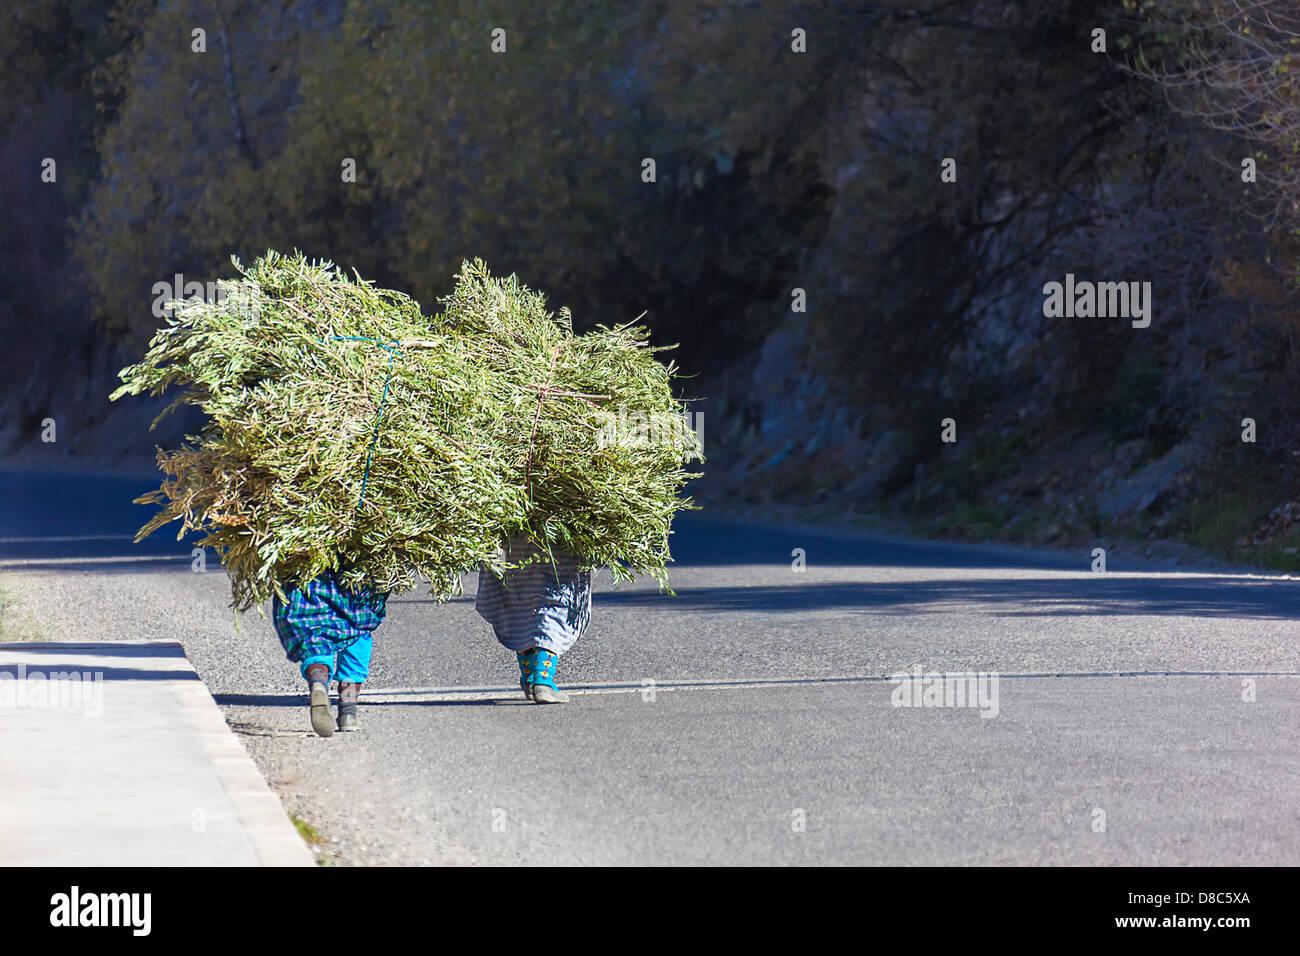 Deux farmer woman walking avec leur chargement d'herbe. Photo Stock